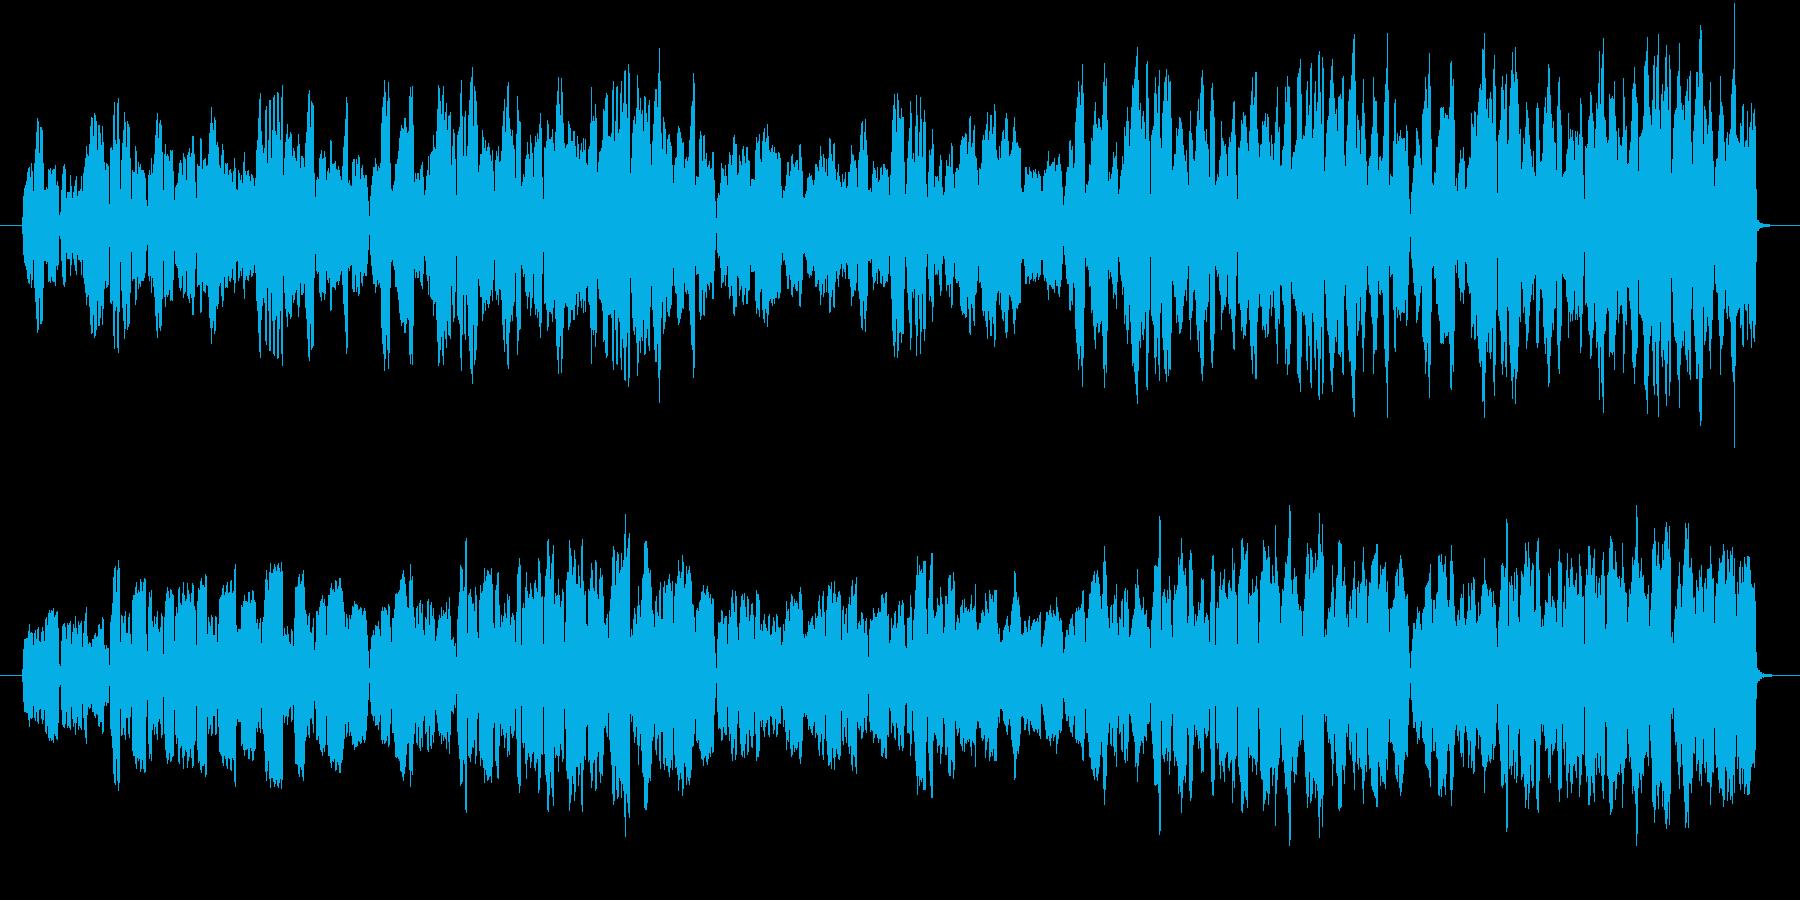 音色フルートのみでゆったりとした曲の再生済みの波形